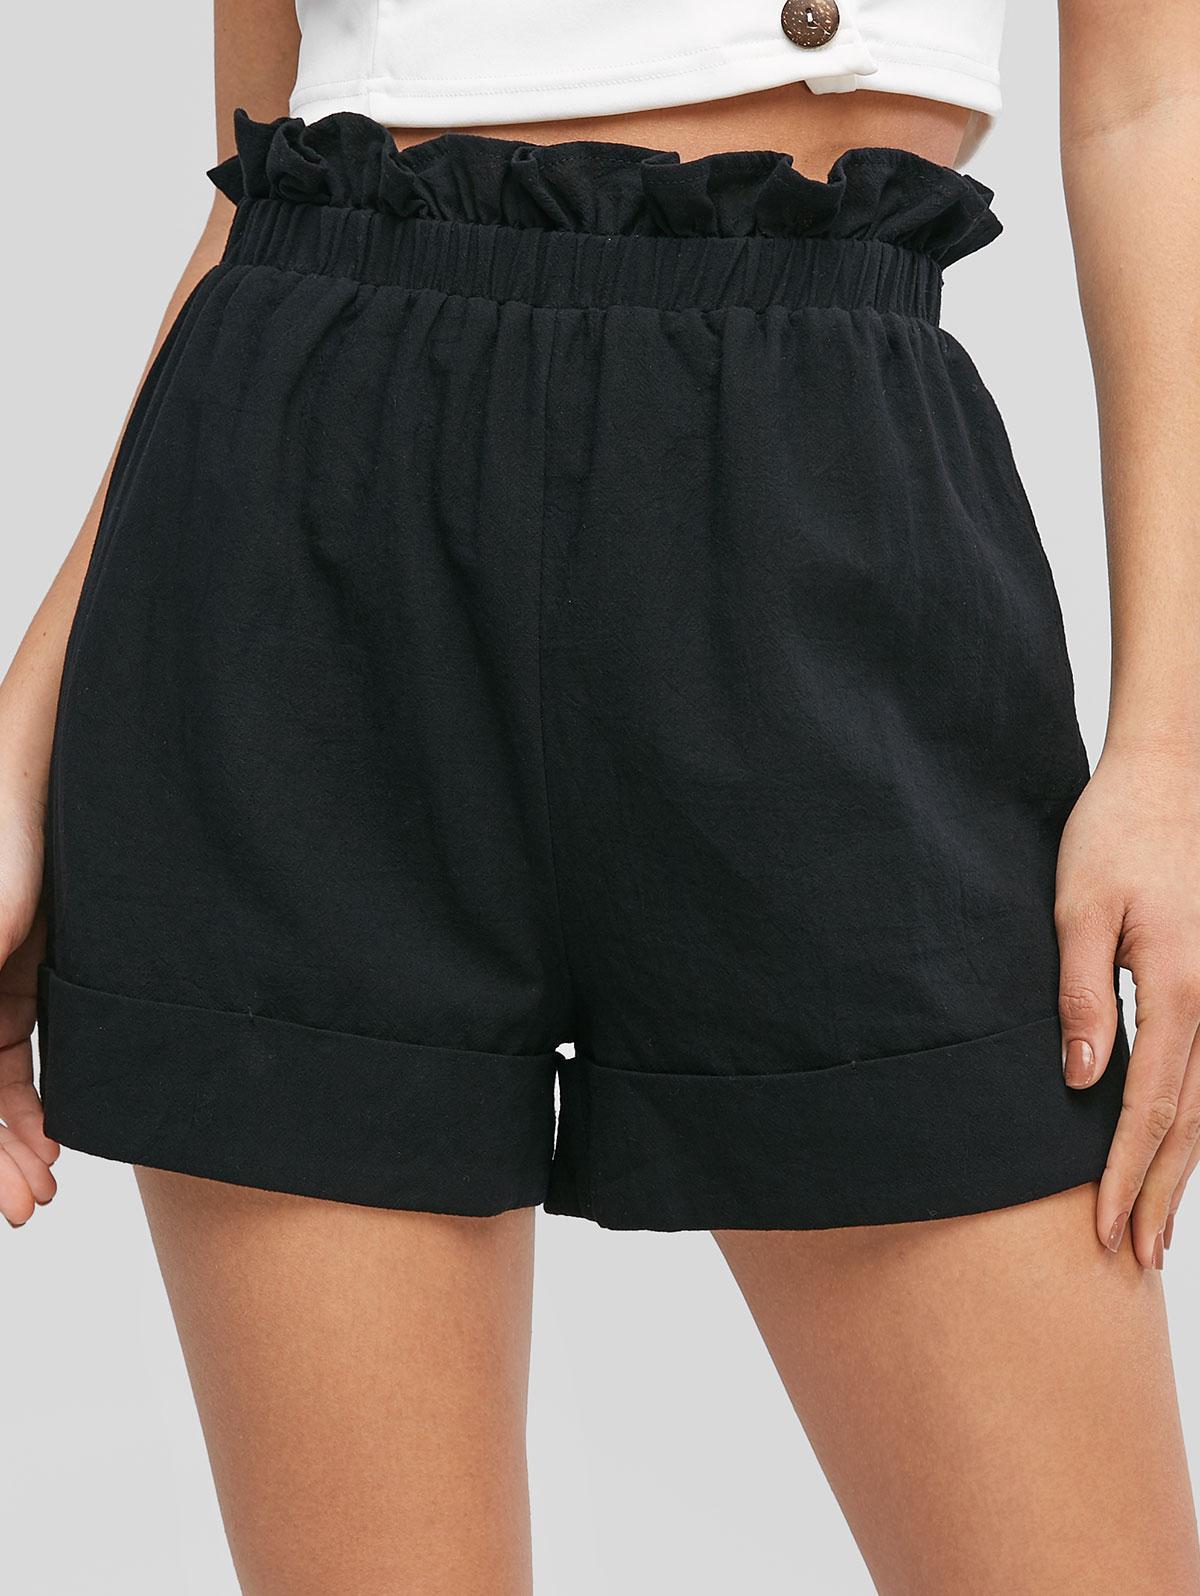 ZAFUL Frilled High Waisted Cuffed Shorts, Black